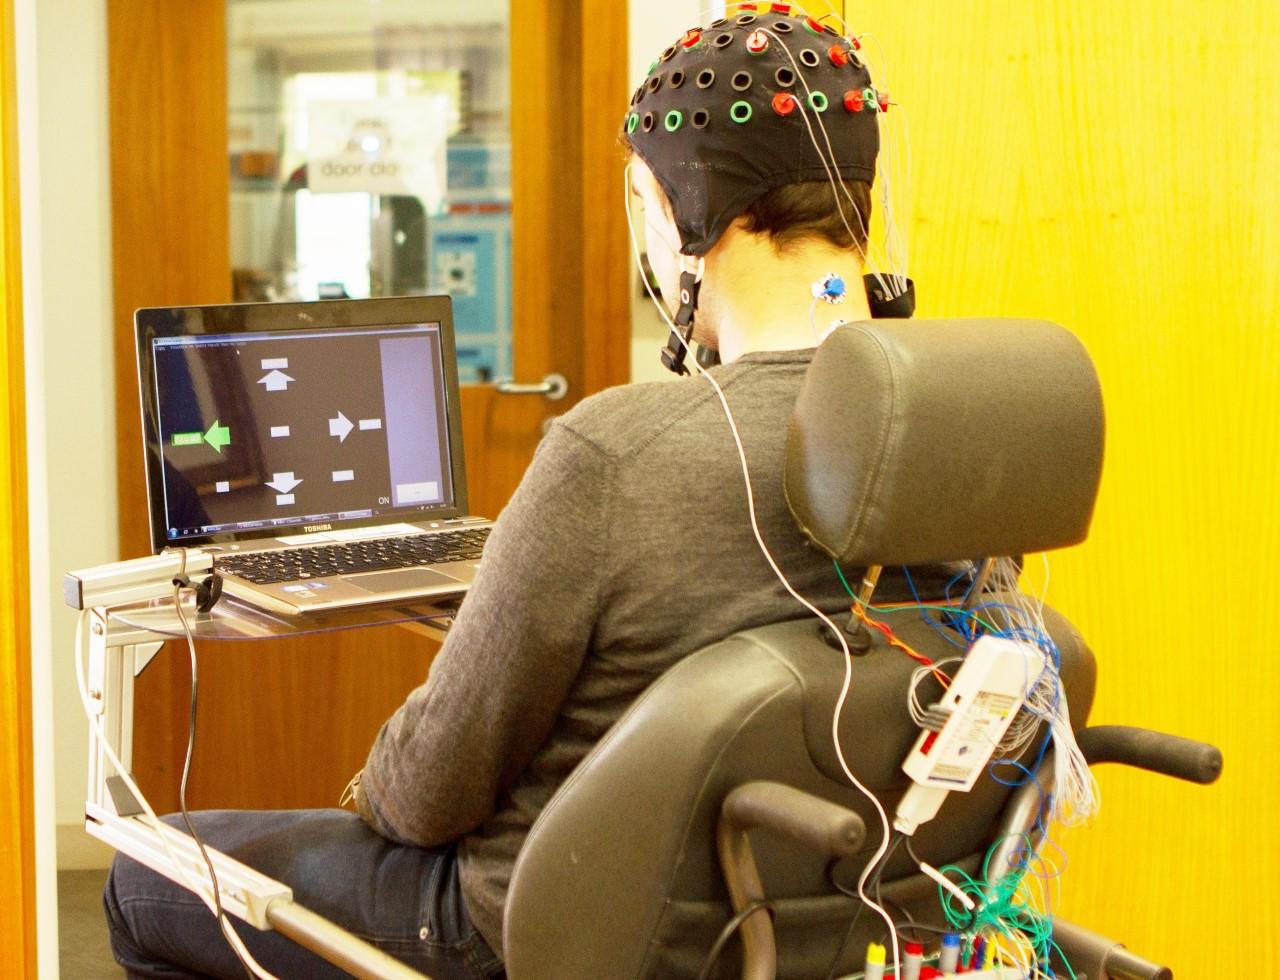 Sistema Que Controla Cadeiras De Rodas Através Do Cérebro Desenvolvido Em Coimbra